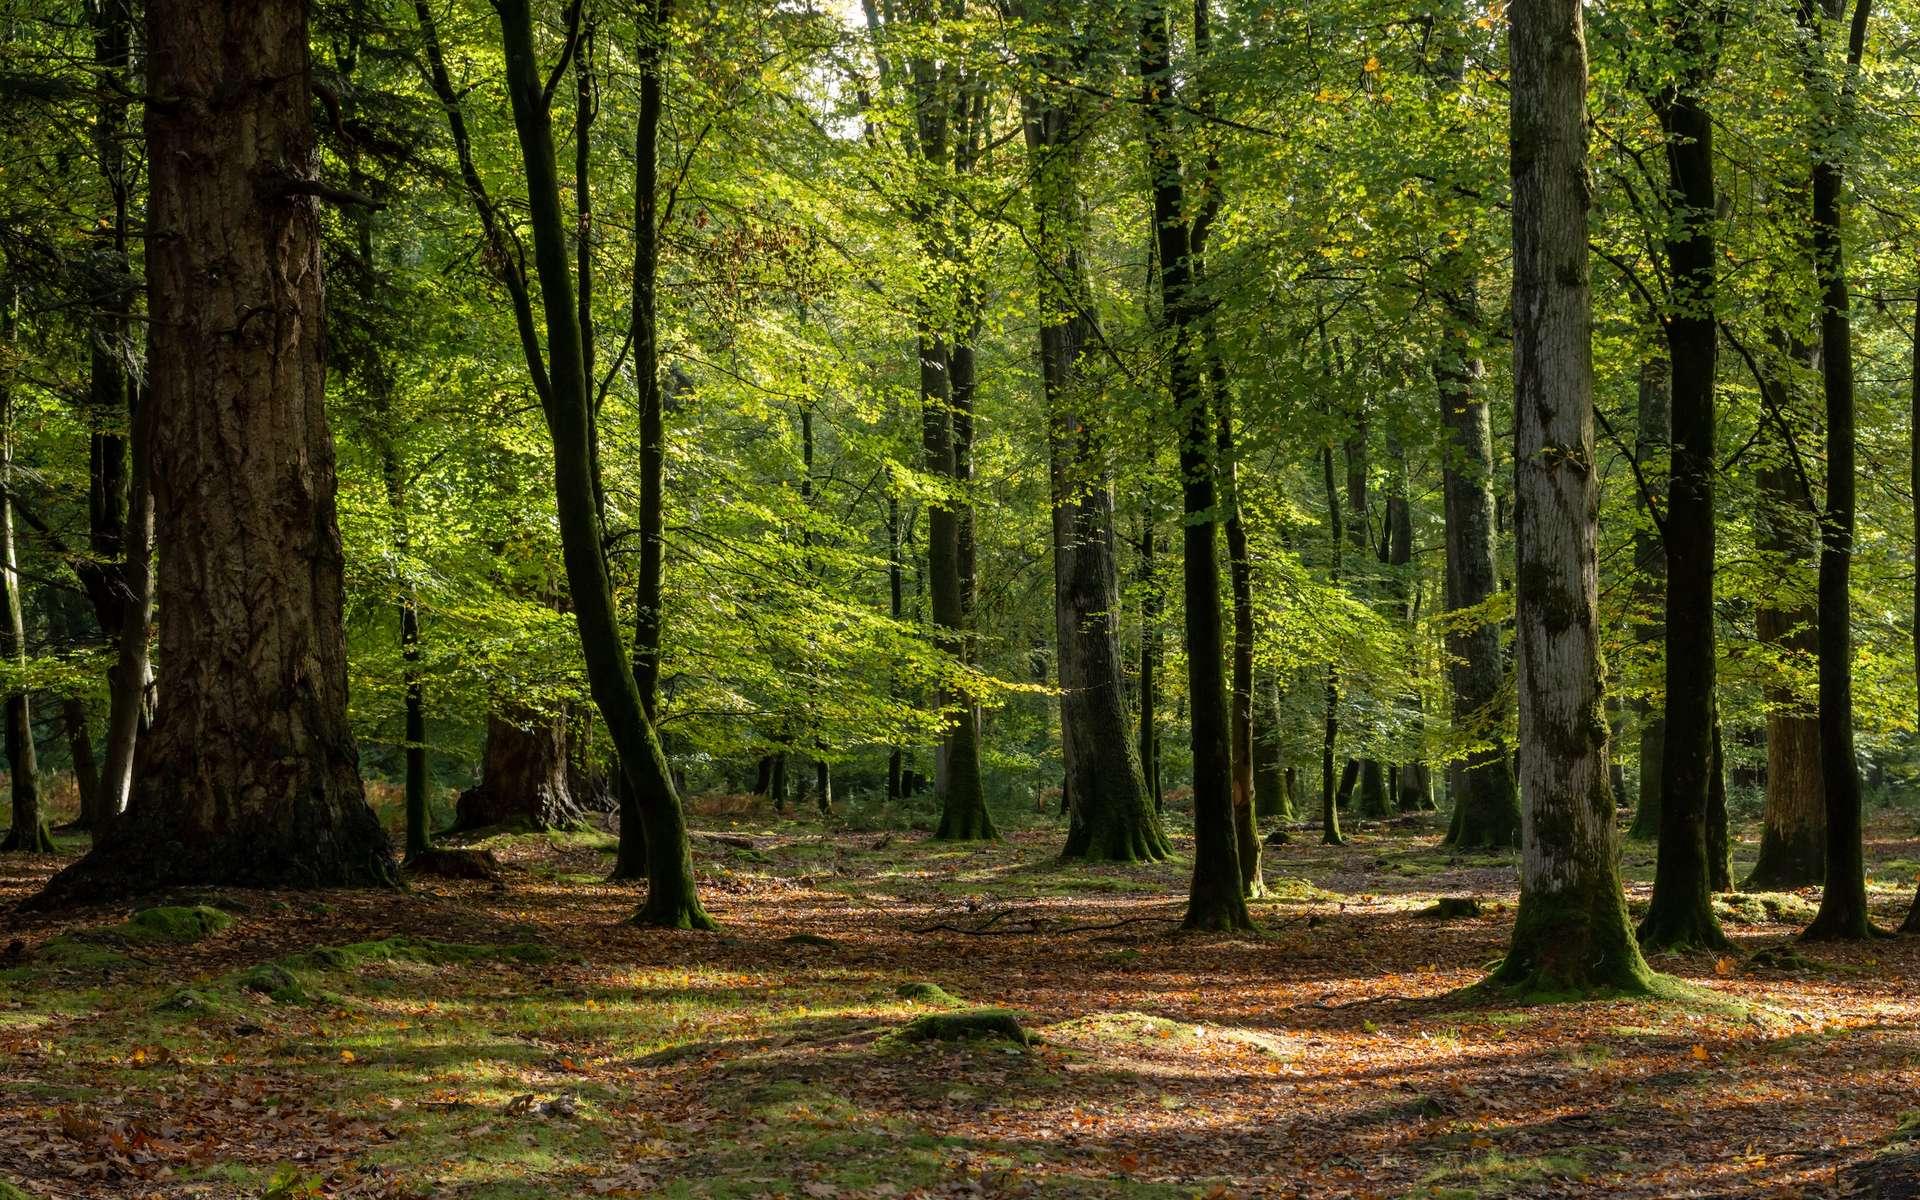 Le réchauffement climatique rend les forêts plus vulnérables. © DRPL, Adobe Stock